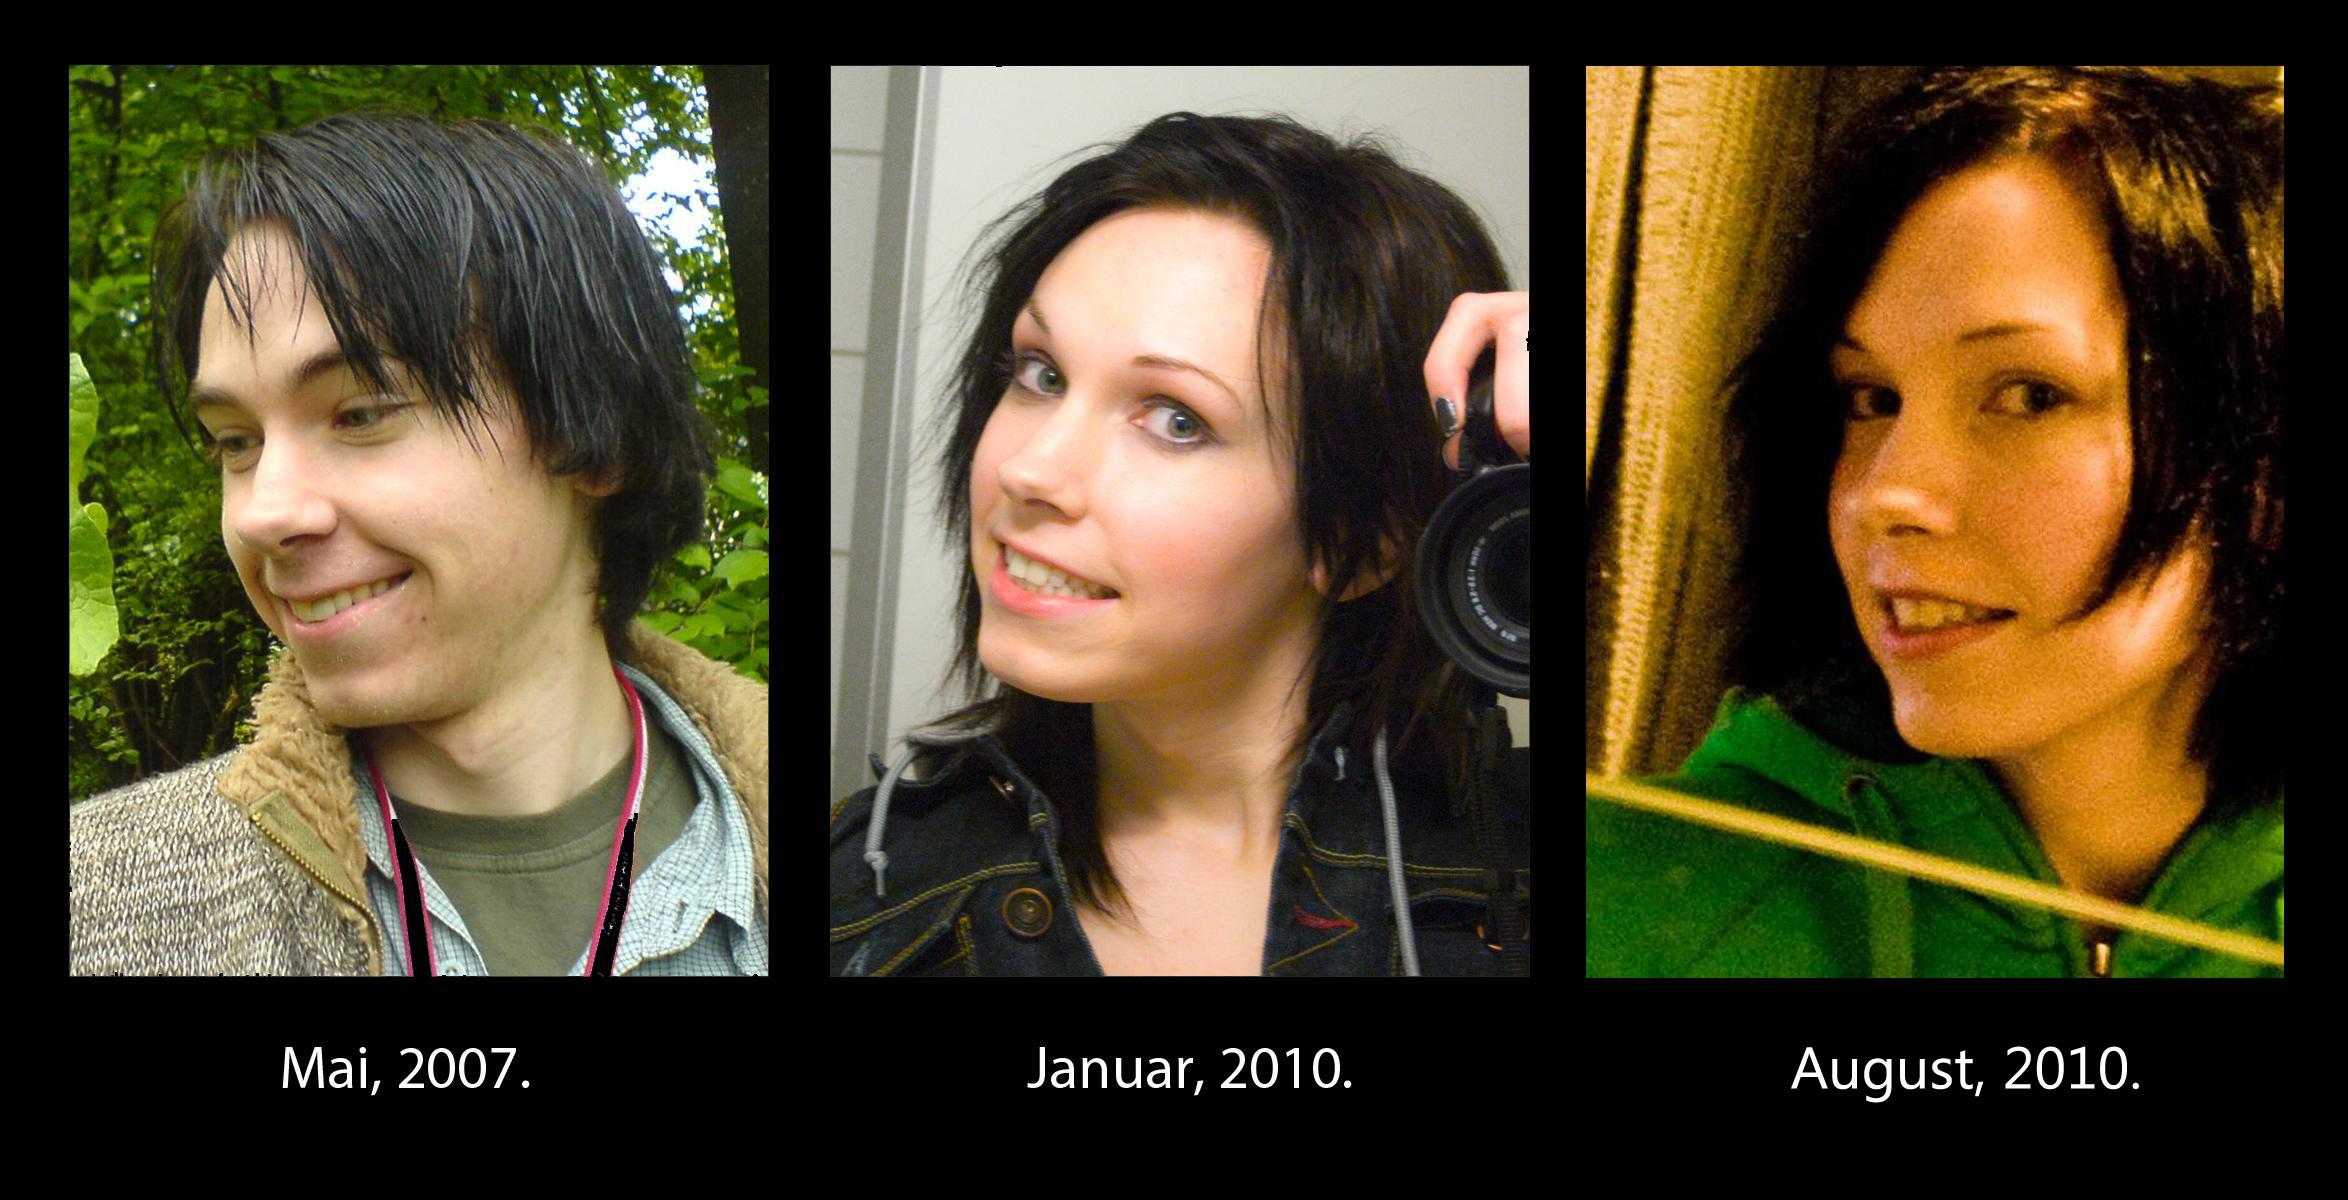 Транссексуал до и после